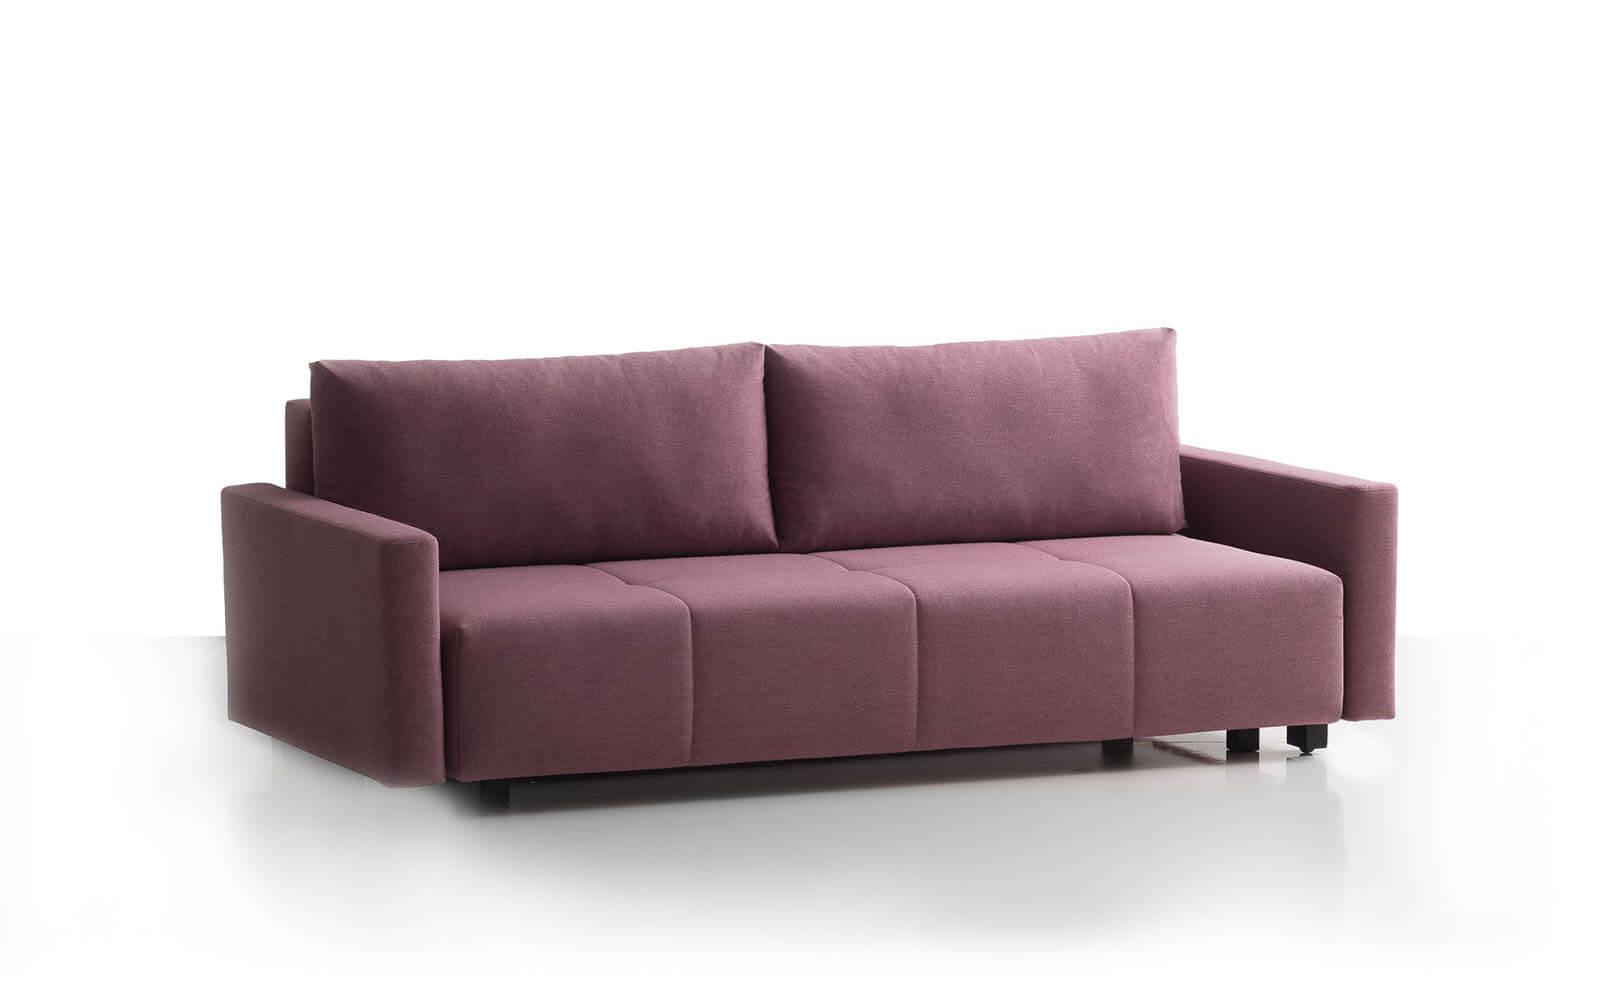 schlafsofa costa mit bettkasten von franz fertig. Black Bedroom Furniture Sets. Home Design Ideas